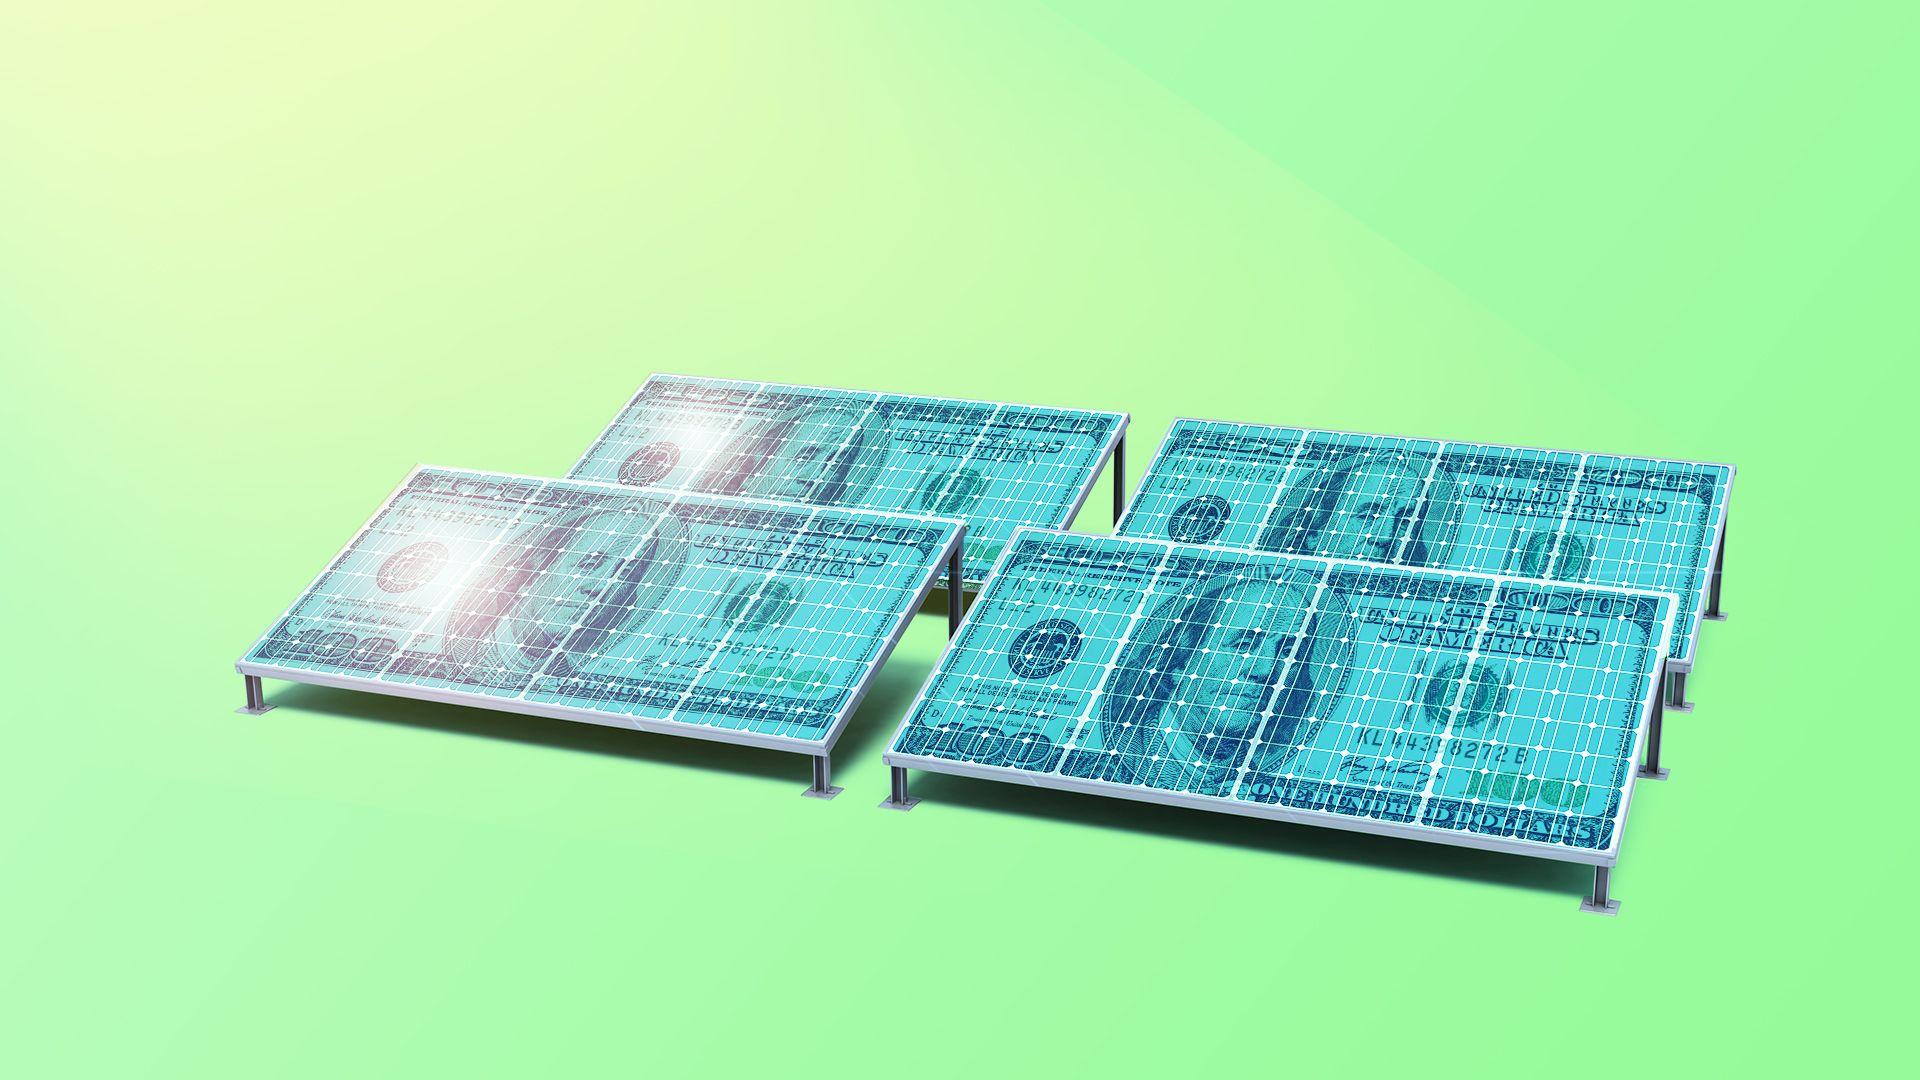 Illustration of hundred dollar bills as solar panels.